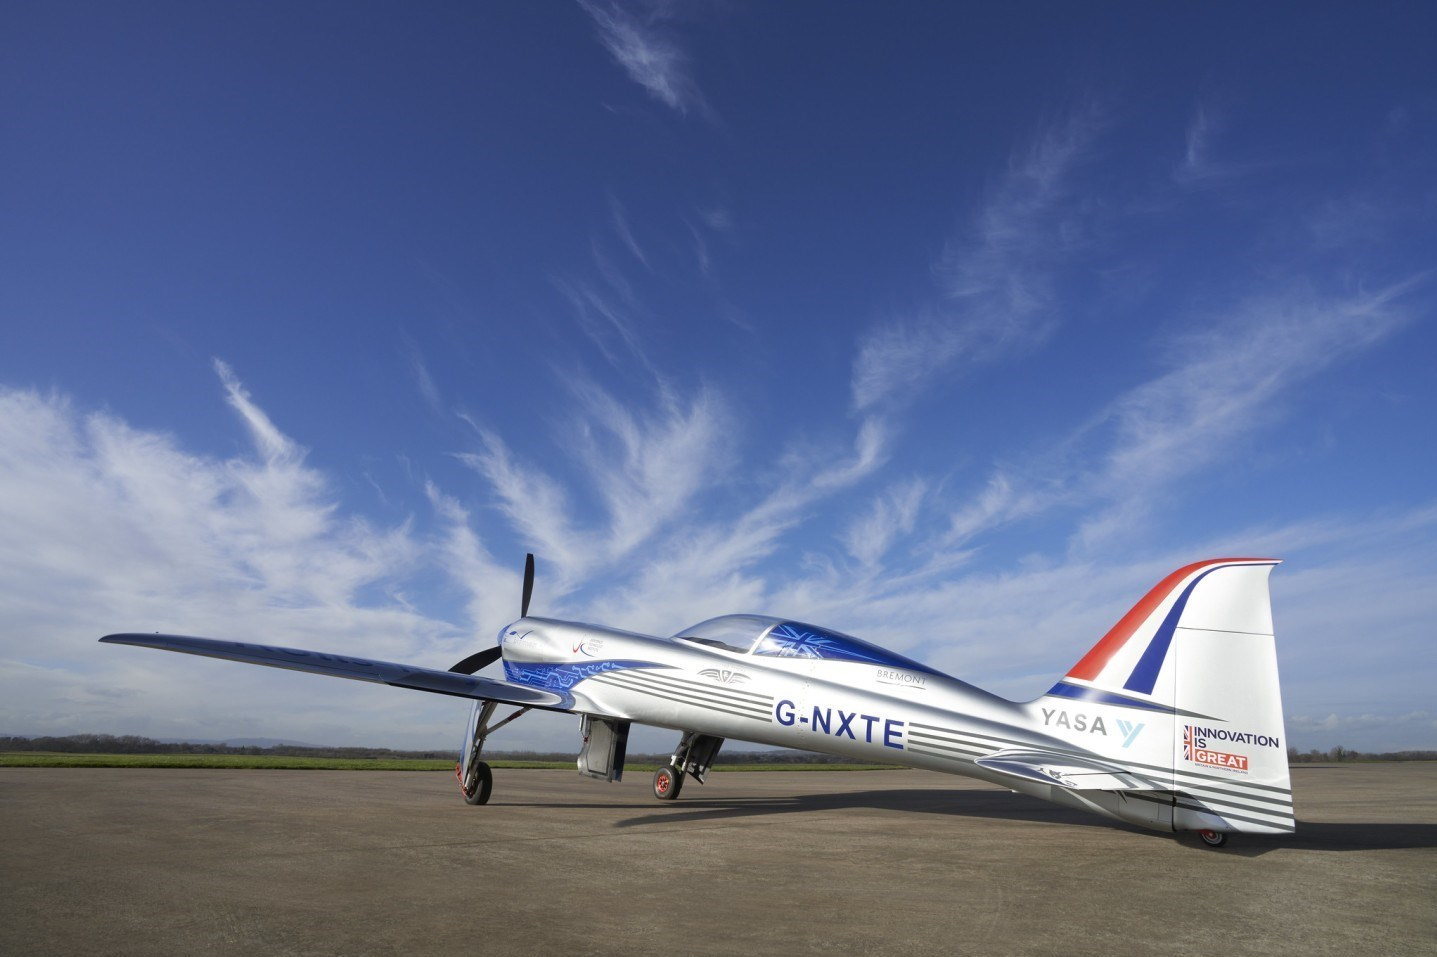 13991216154705855223633110 سریعترین هواپیمای برقی جهان ساخته شد /تصاویر